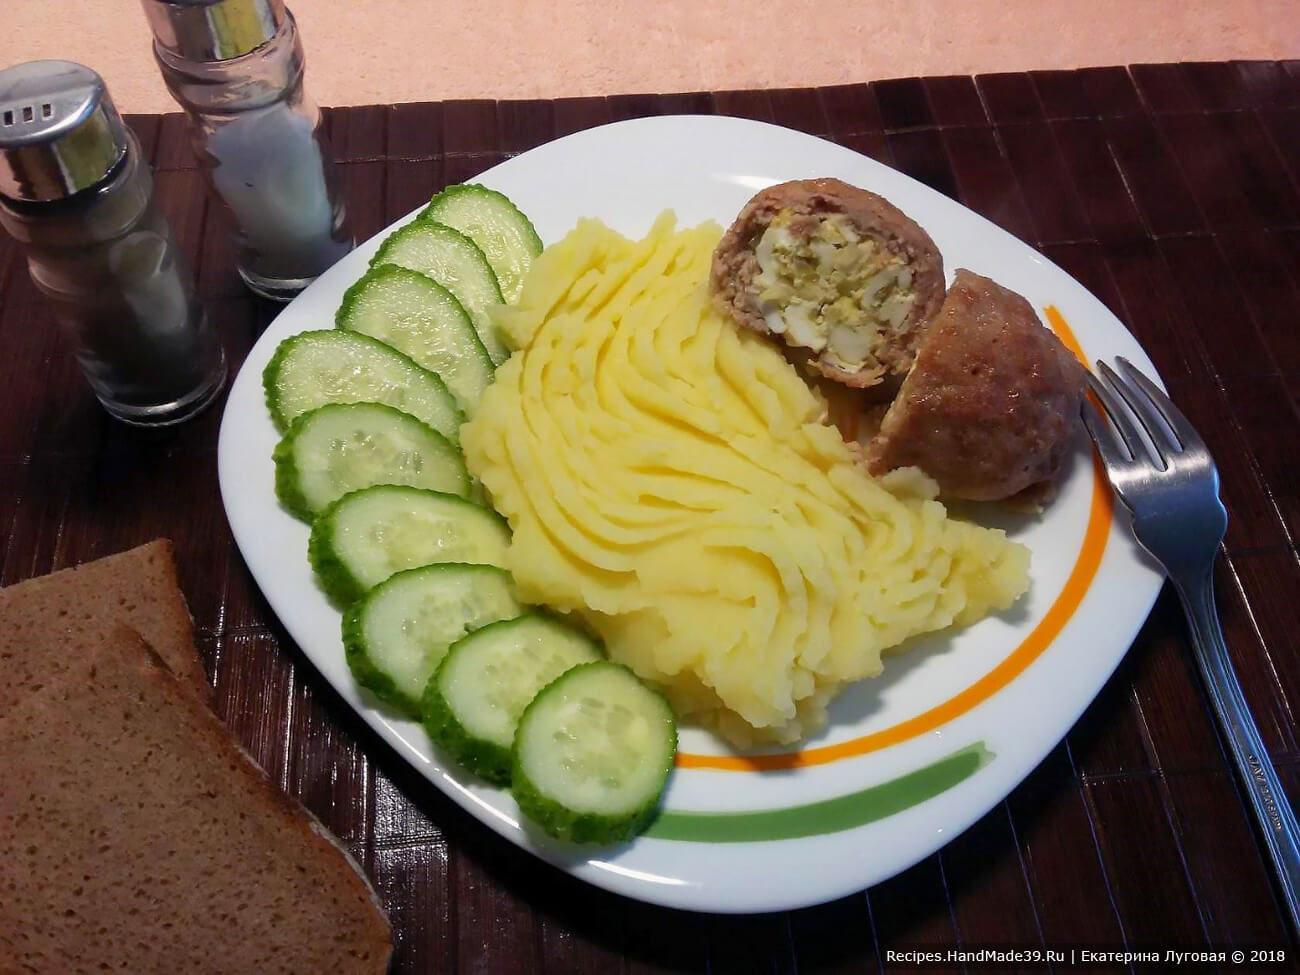 Запечённые мясные зразы с яйцом и луком